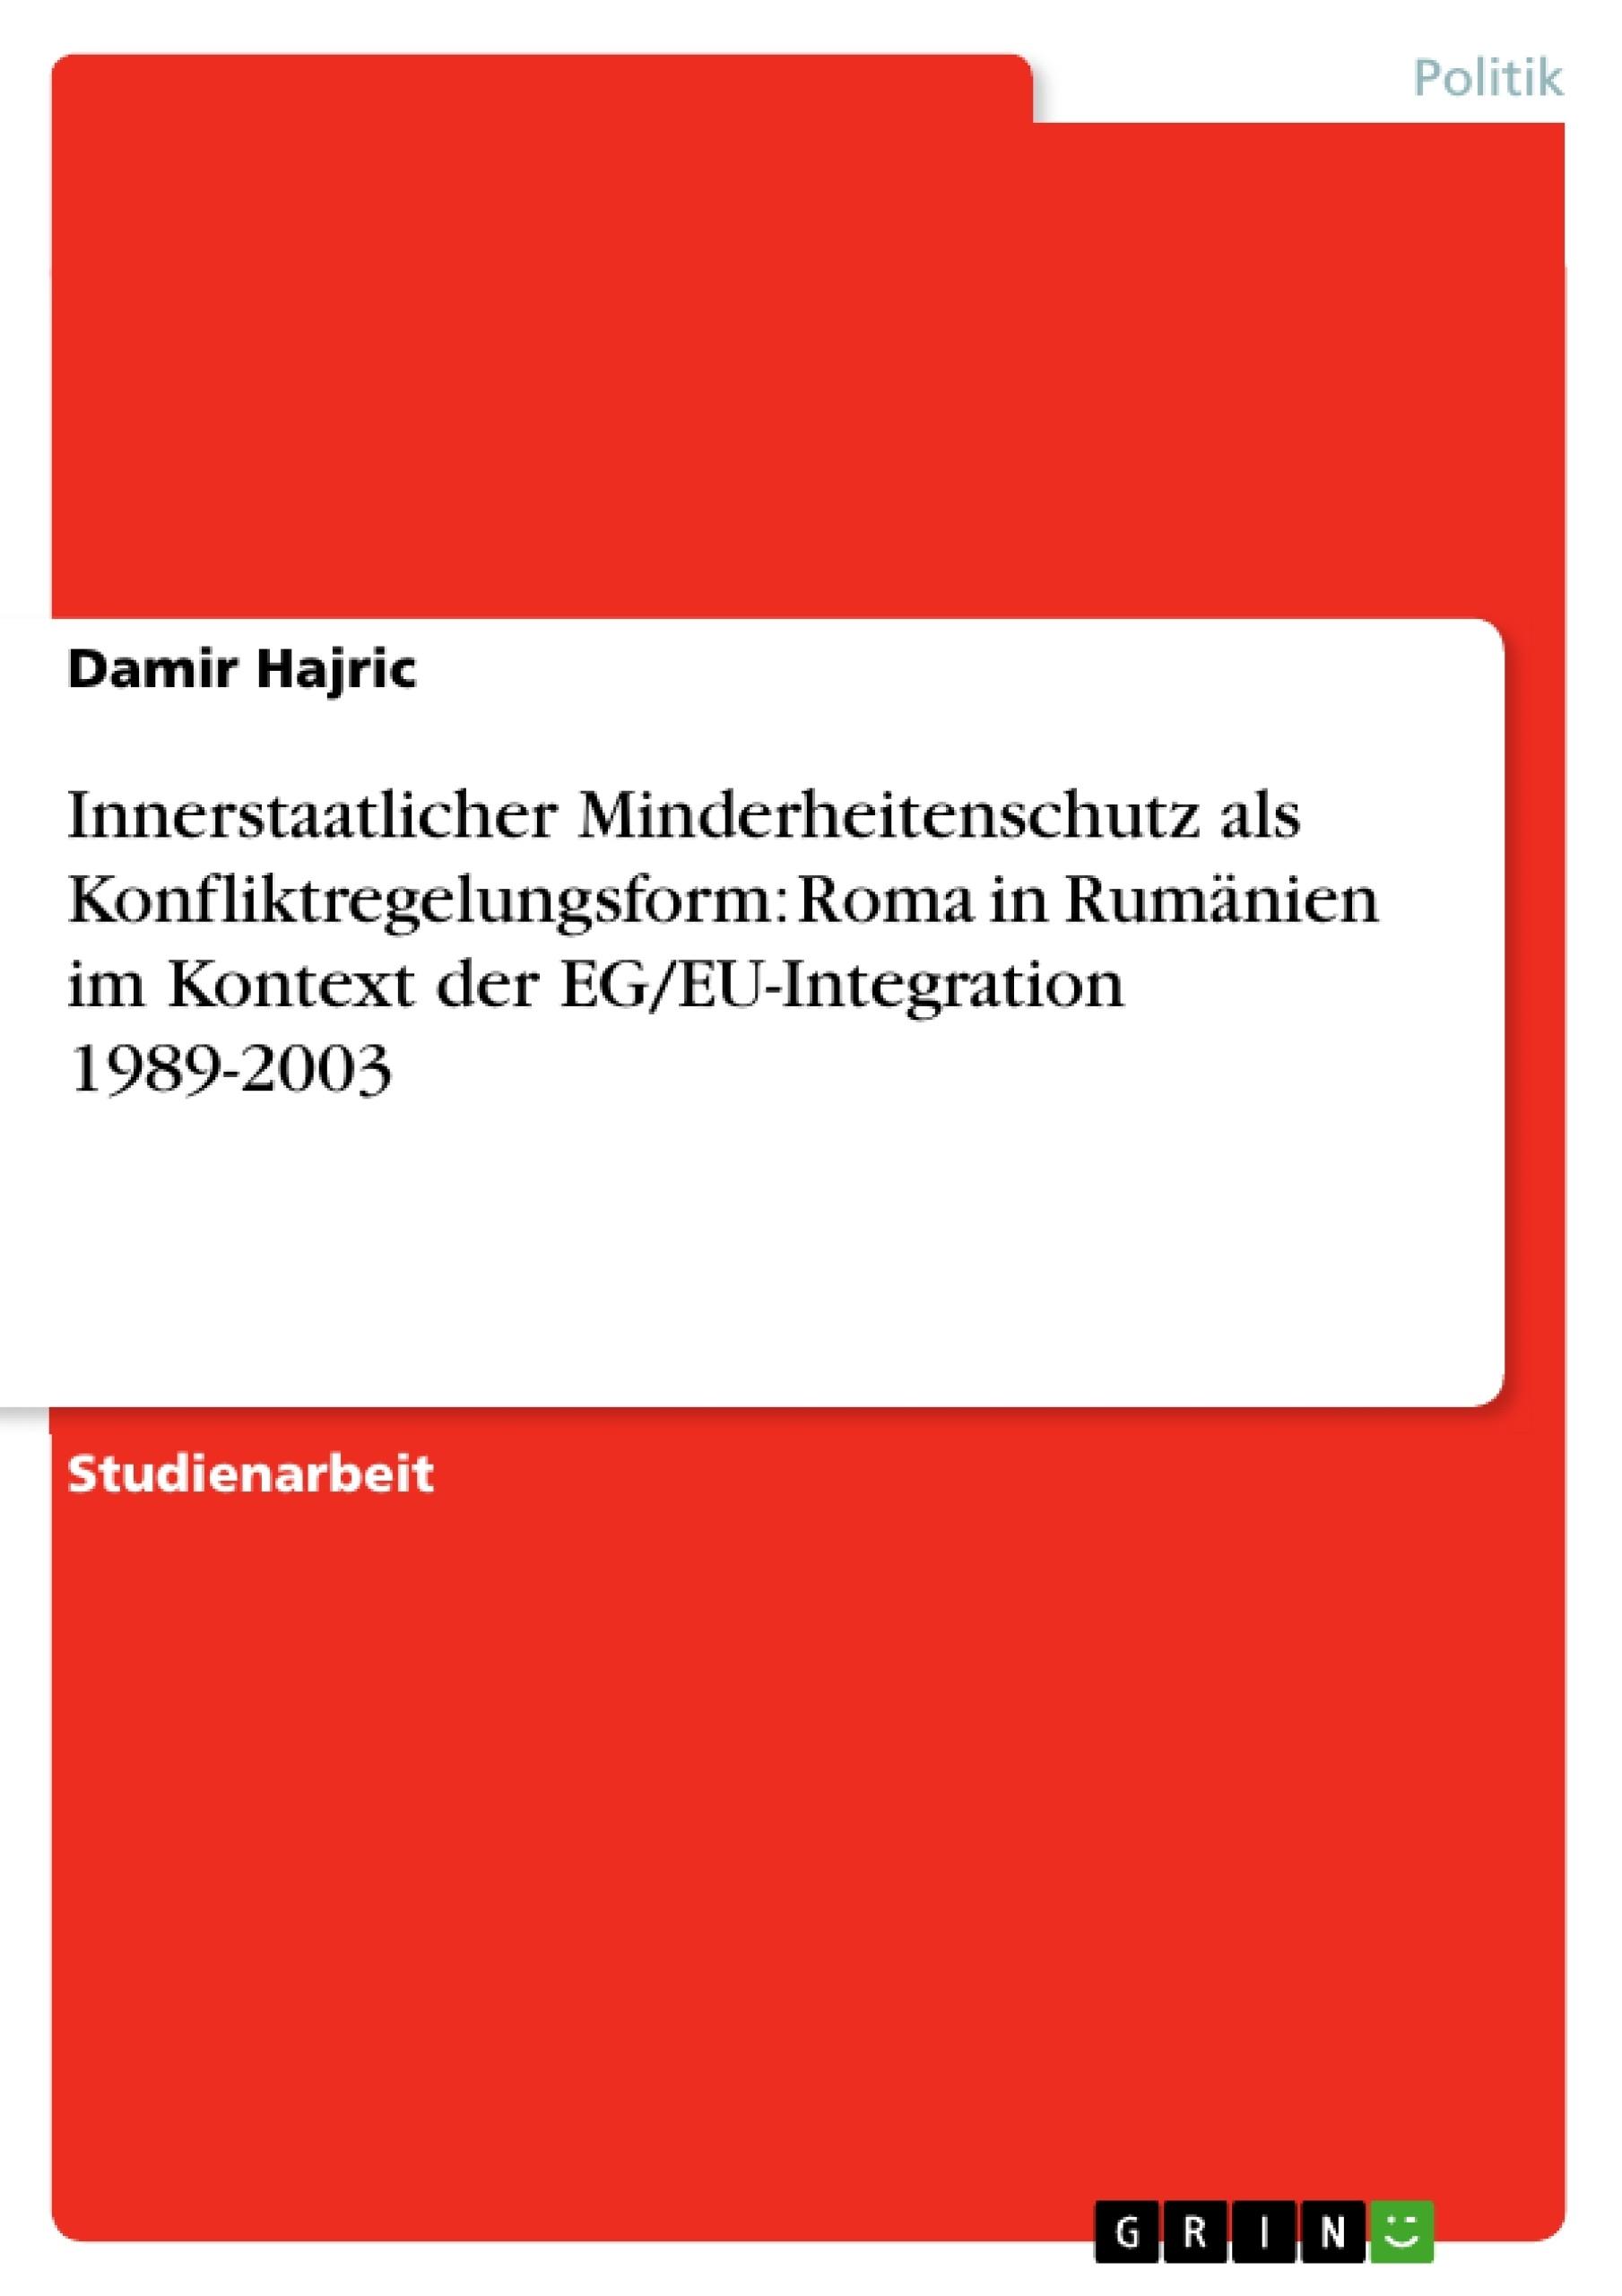 Titel: Innerstaatlicher Minderheitenschutz als Konfliktregelungsform: Roma in Rumänien im Kontext der EG/EU-Integration 1989-2003